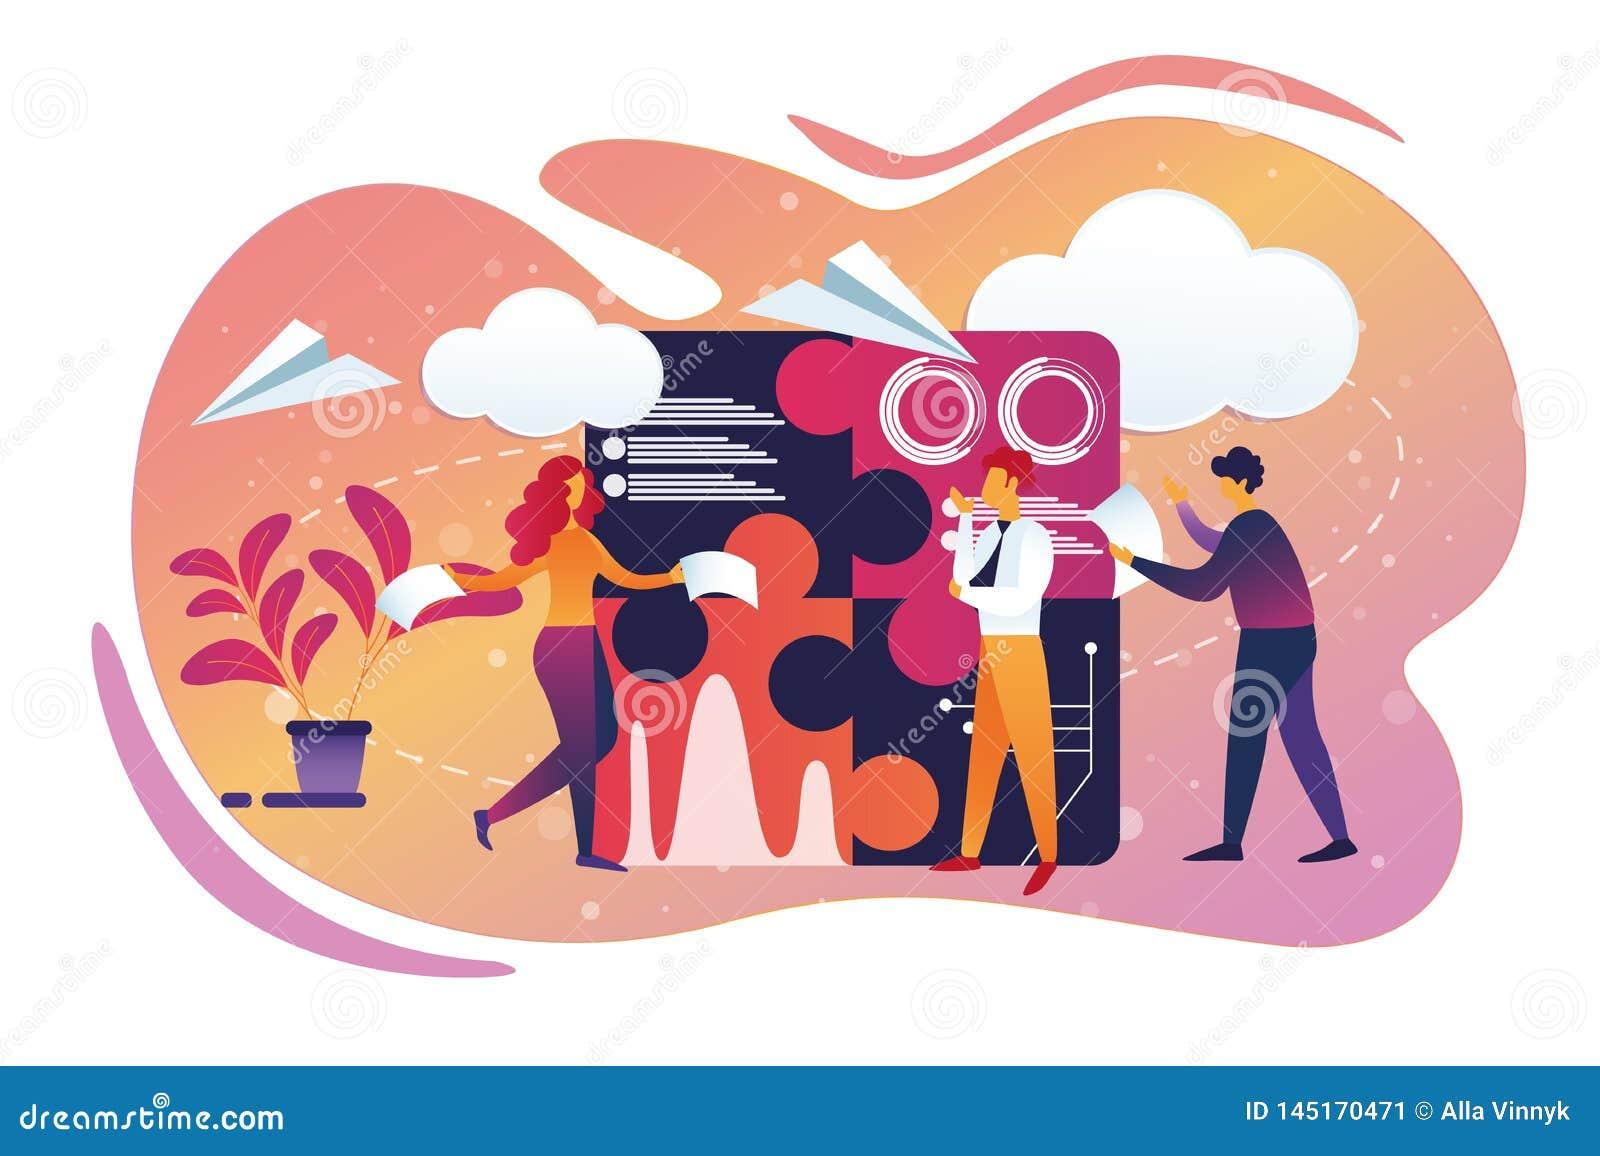 Επιχείρηση γραφείων και διαδικασία Teamworking lifestyle